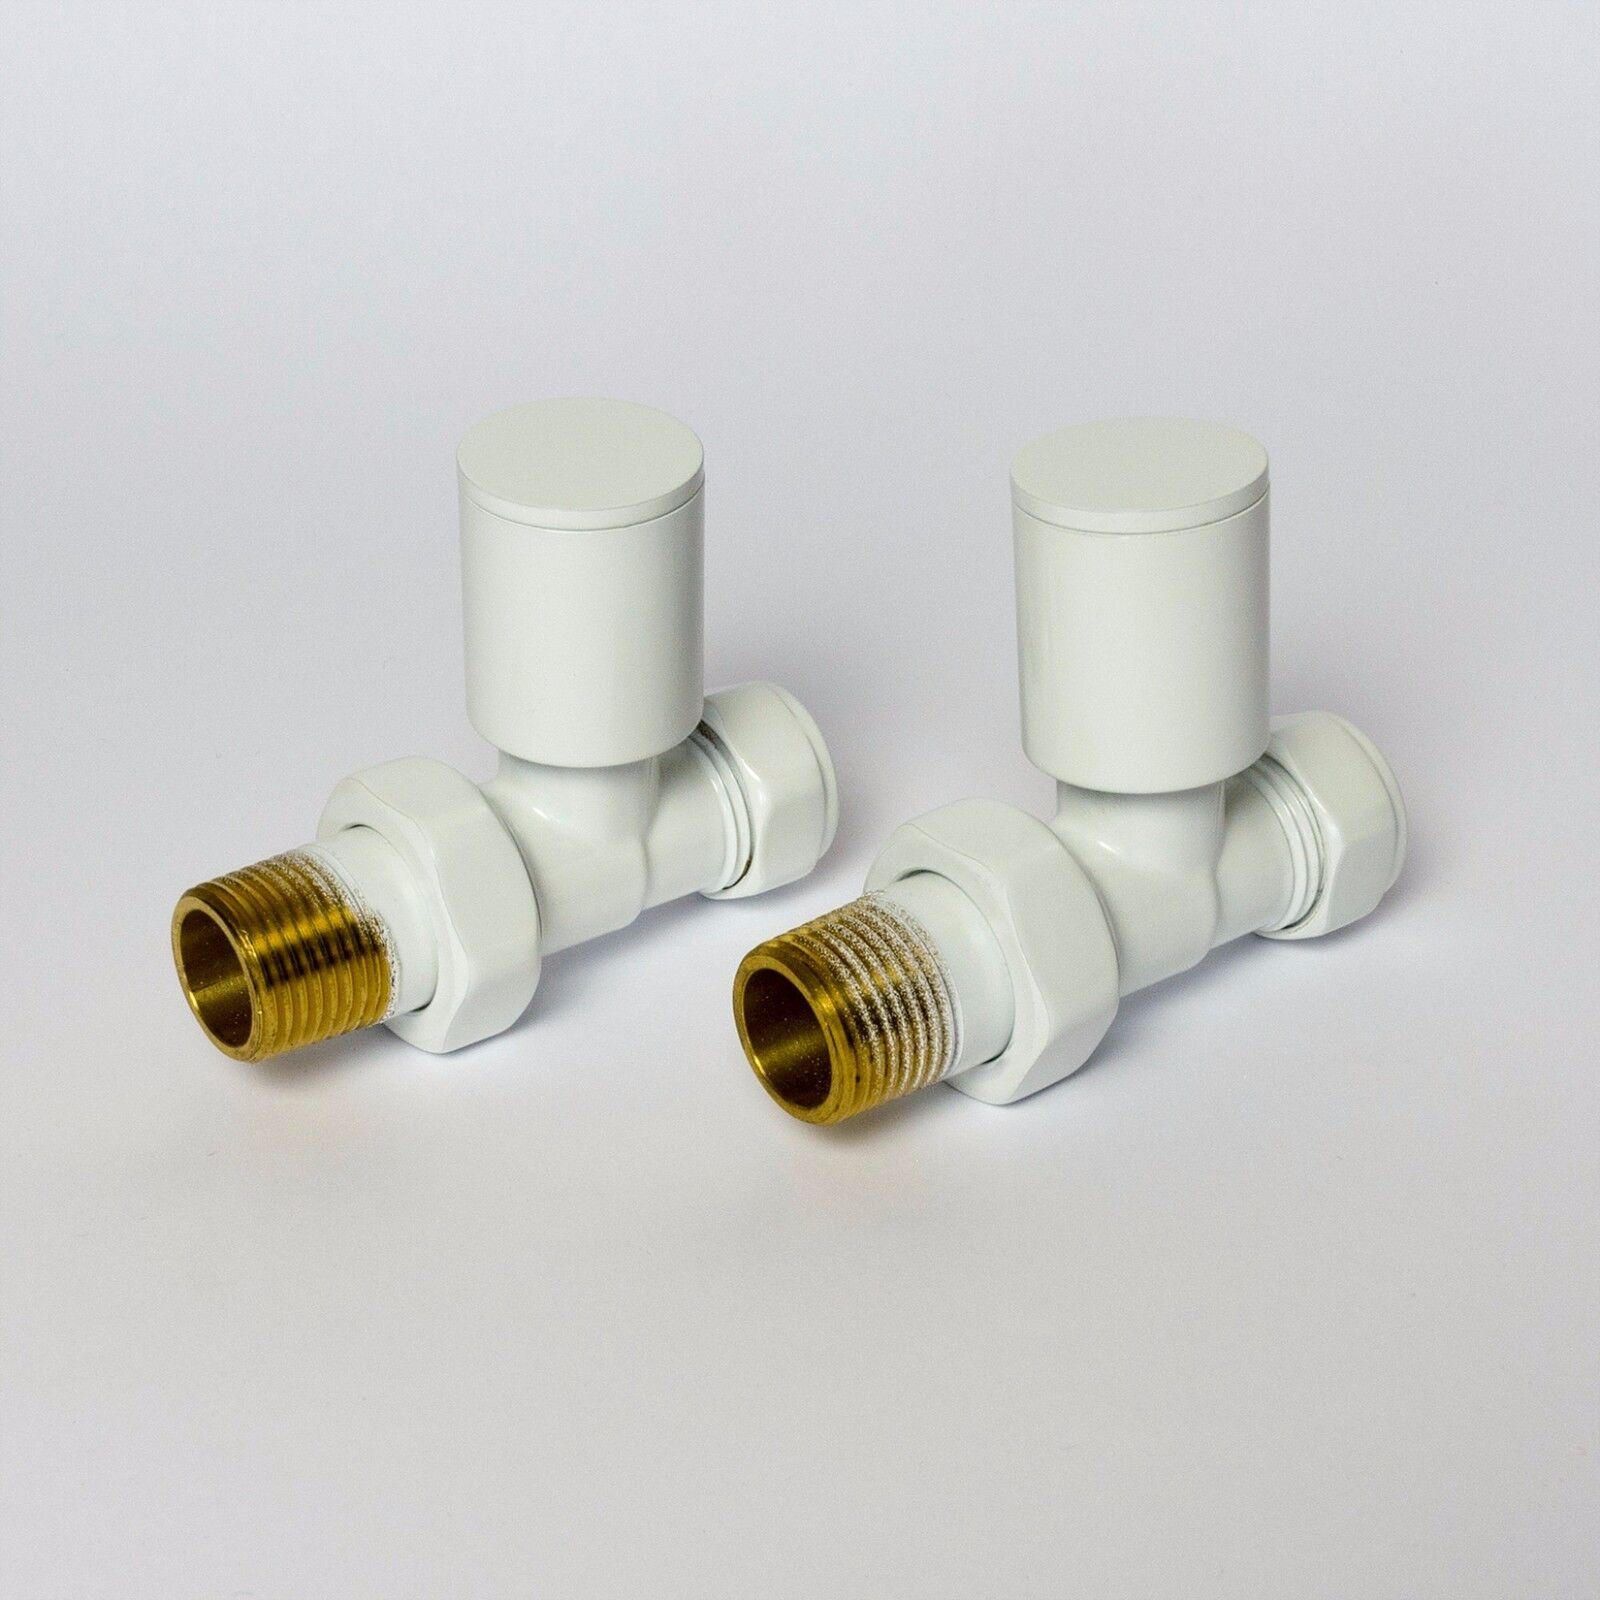 LED Taschenlampe Arbeitslampe mit Magnet 11 LED´s 2er Set Top Qualität 50009-2